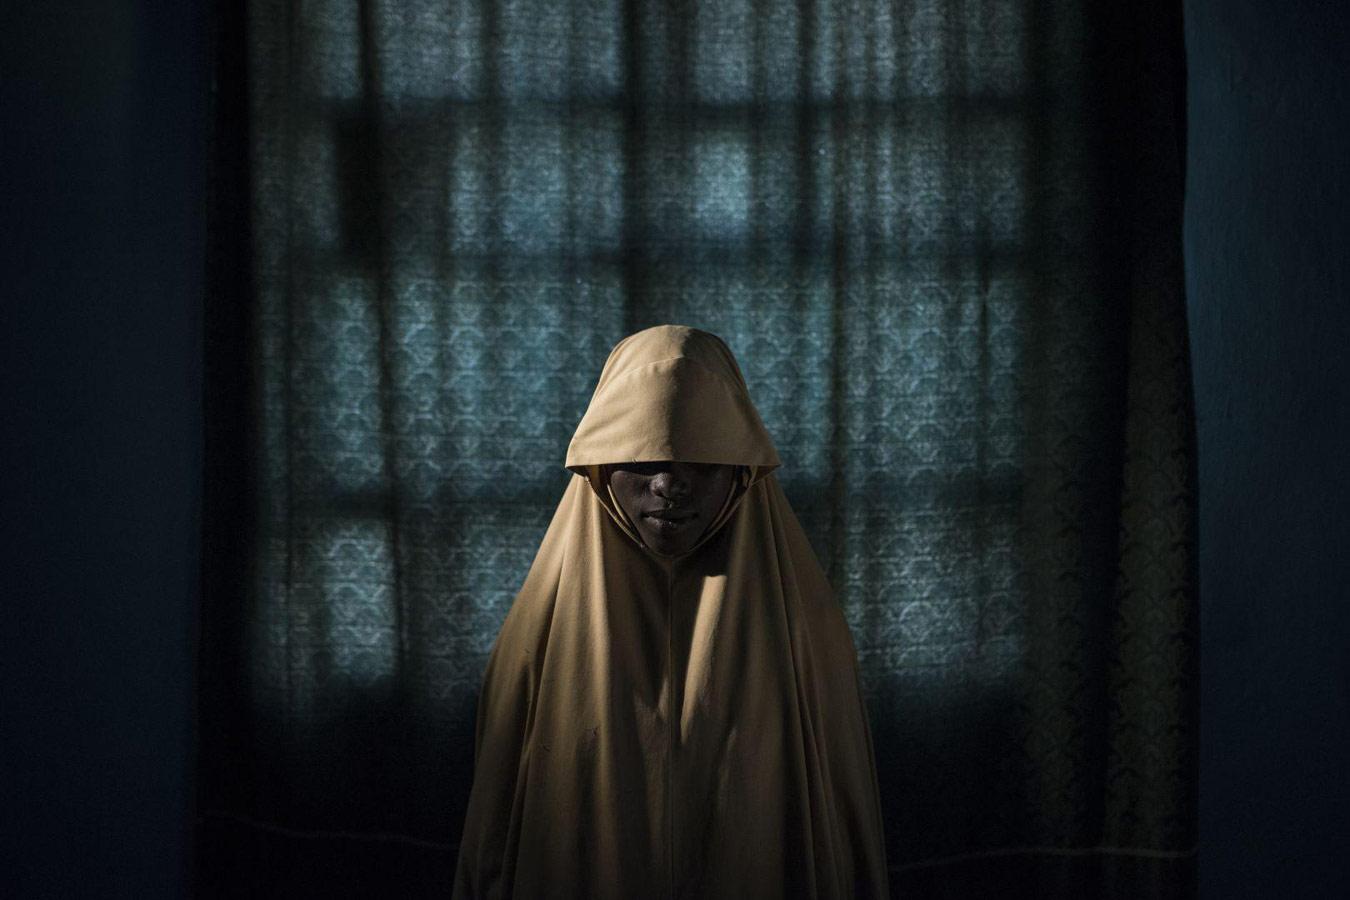 Адам Фергюсон / Adam Ferguson, Фотоконкурс World Press Photo 2018